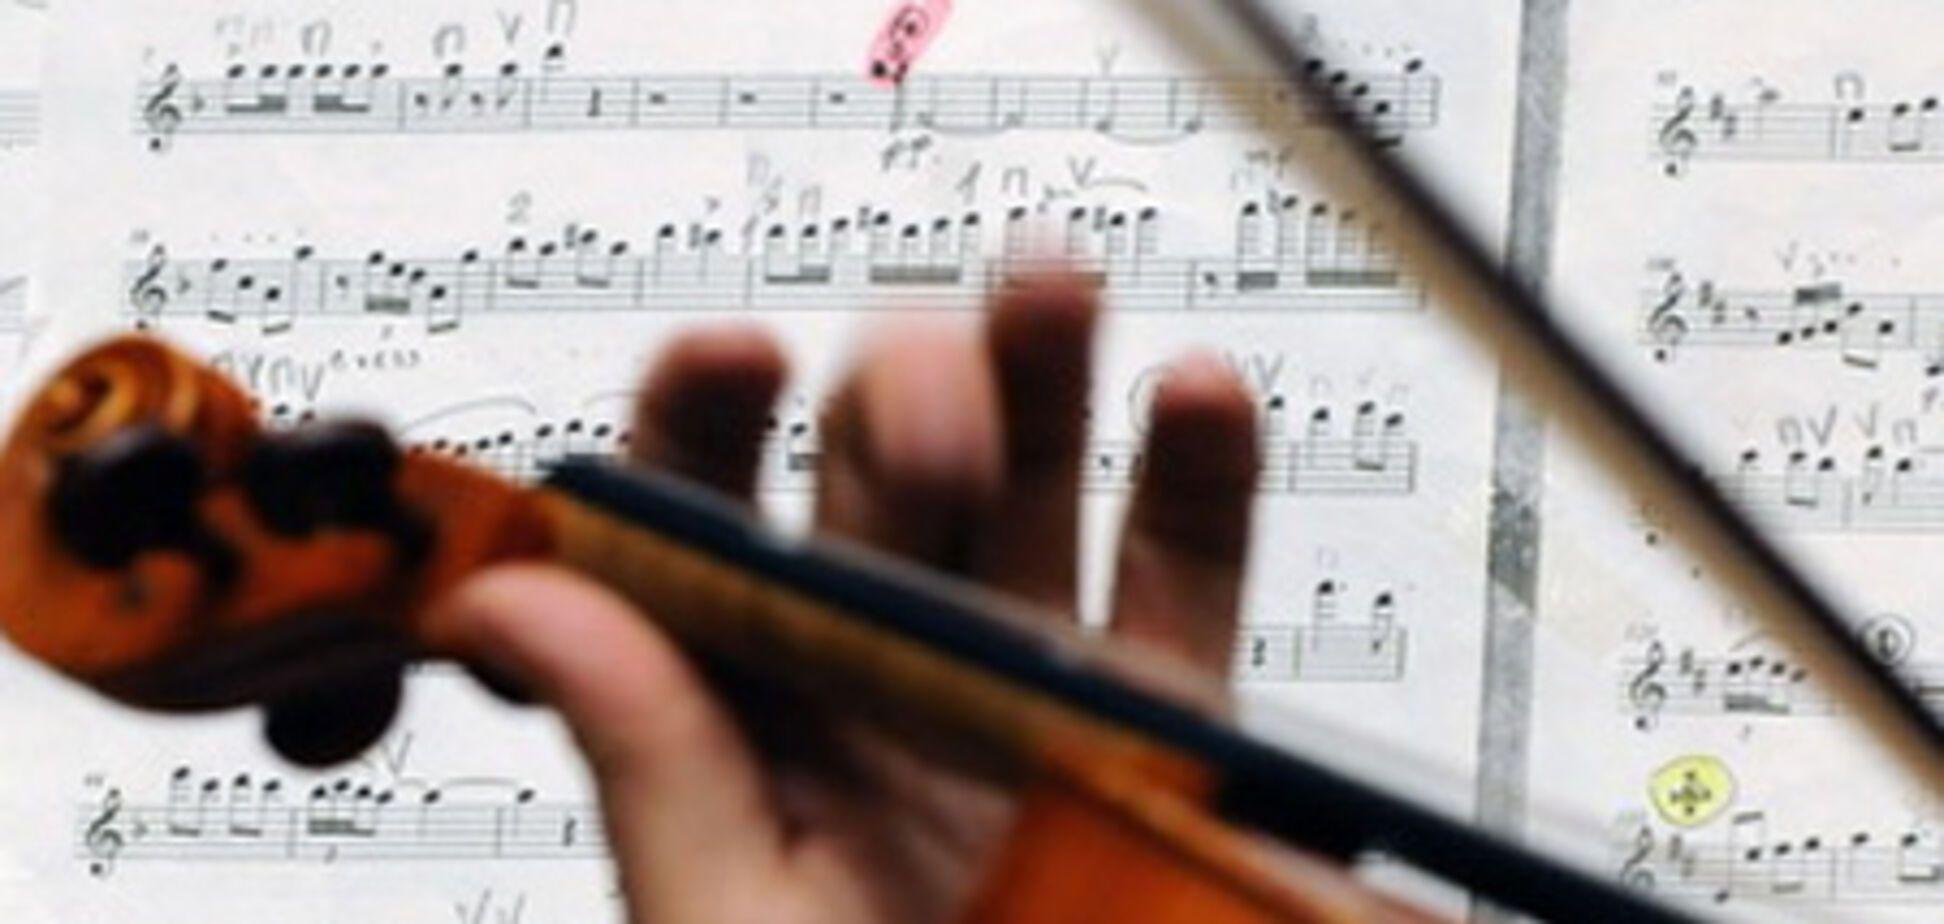 Мелодія - душа всього ... Кращі афоризми про музику